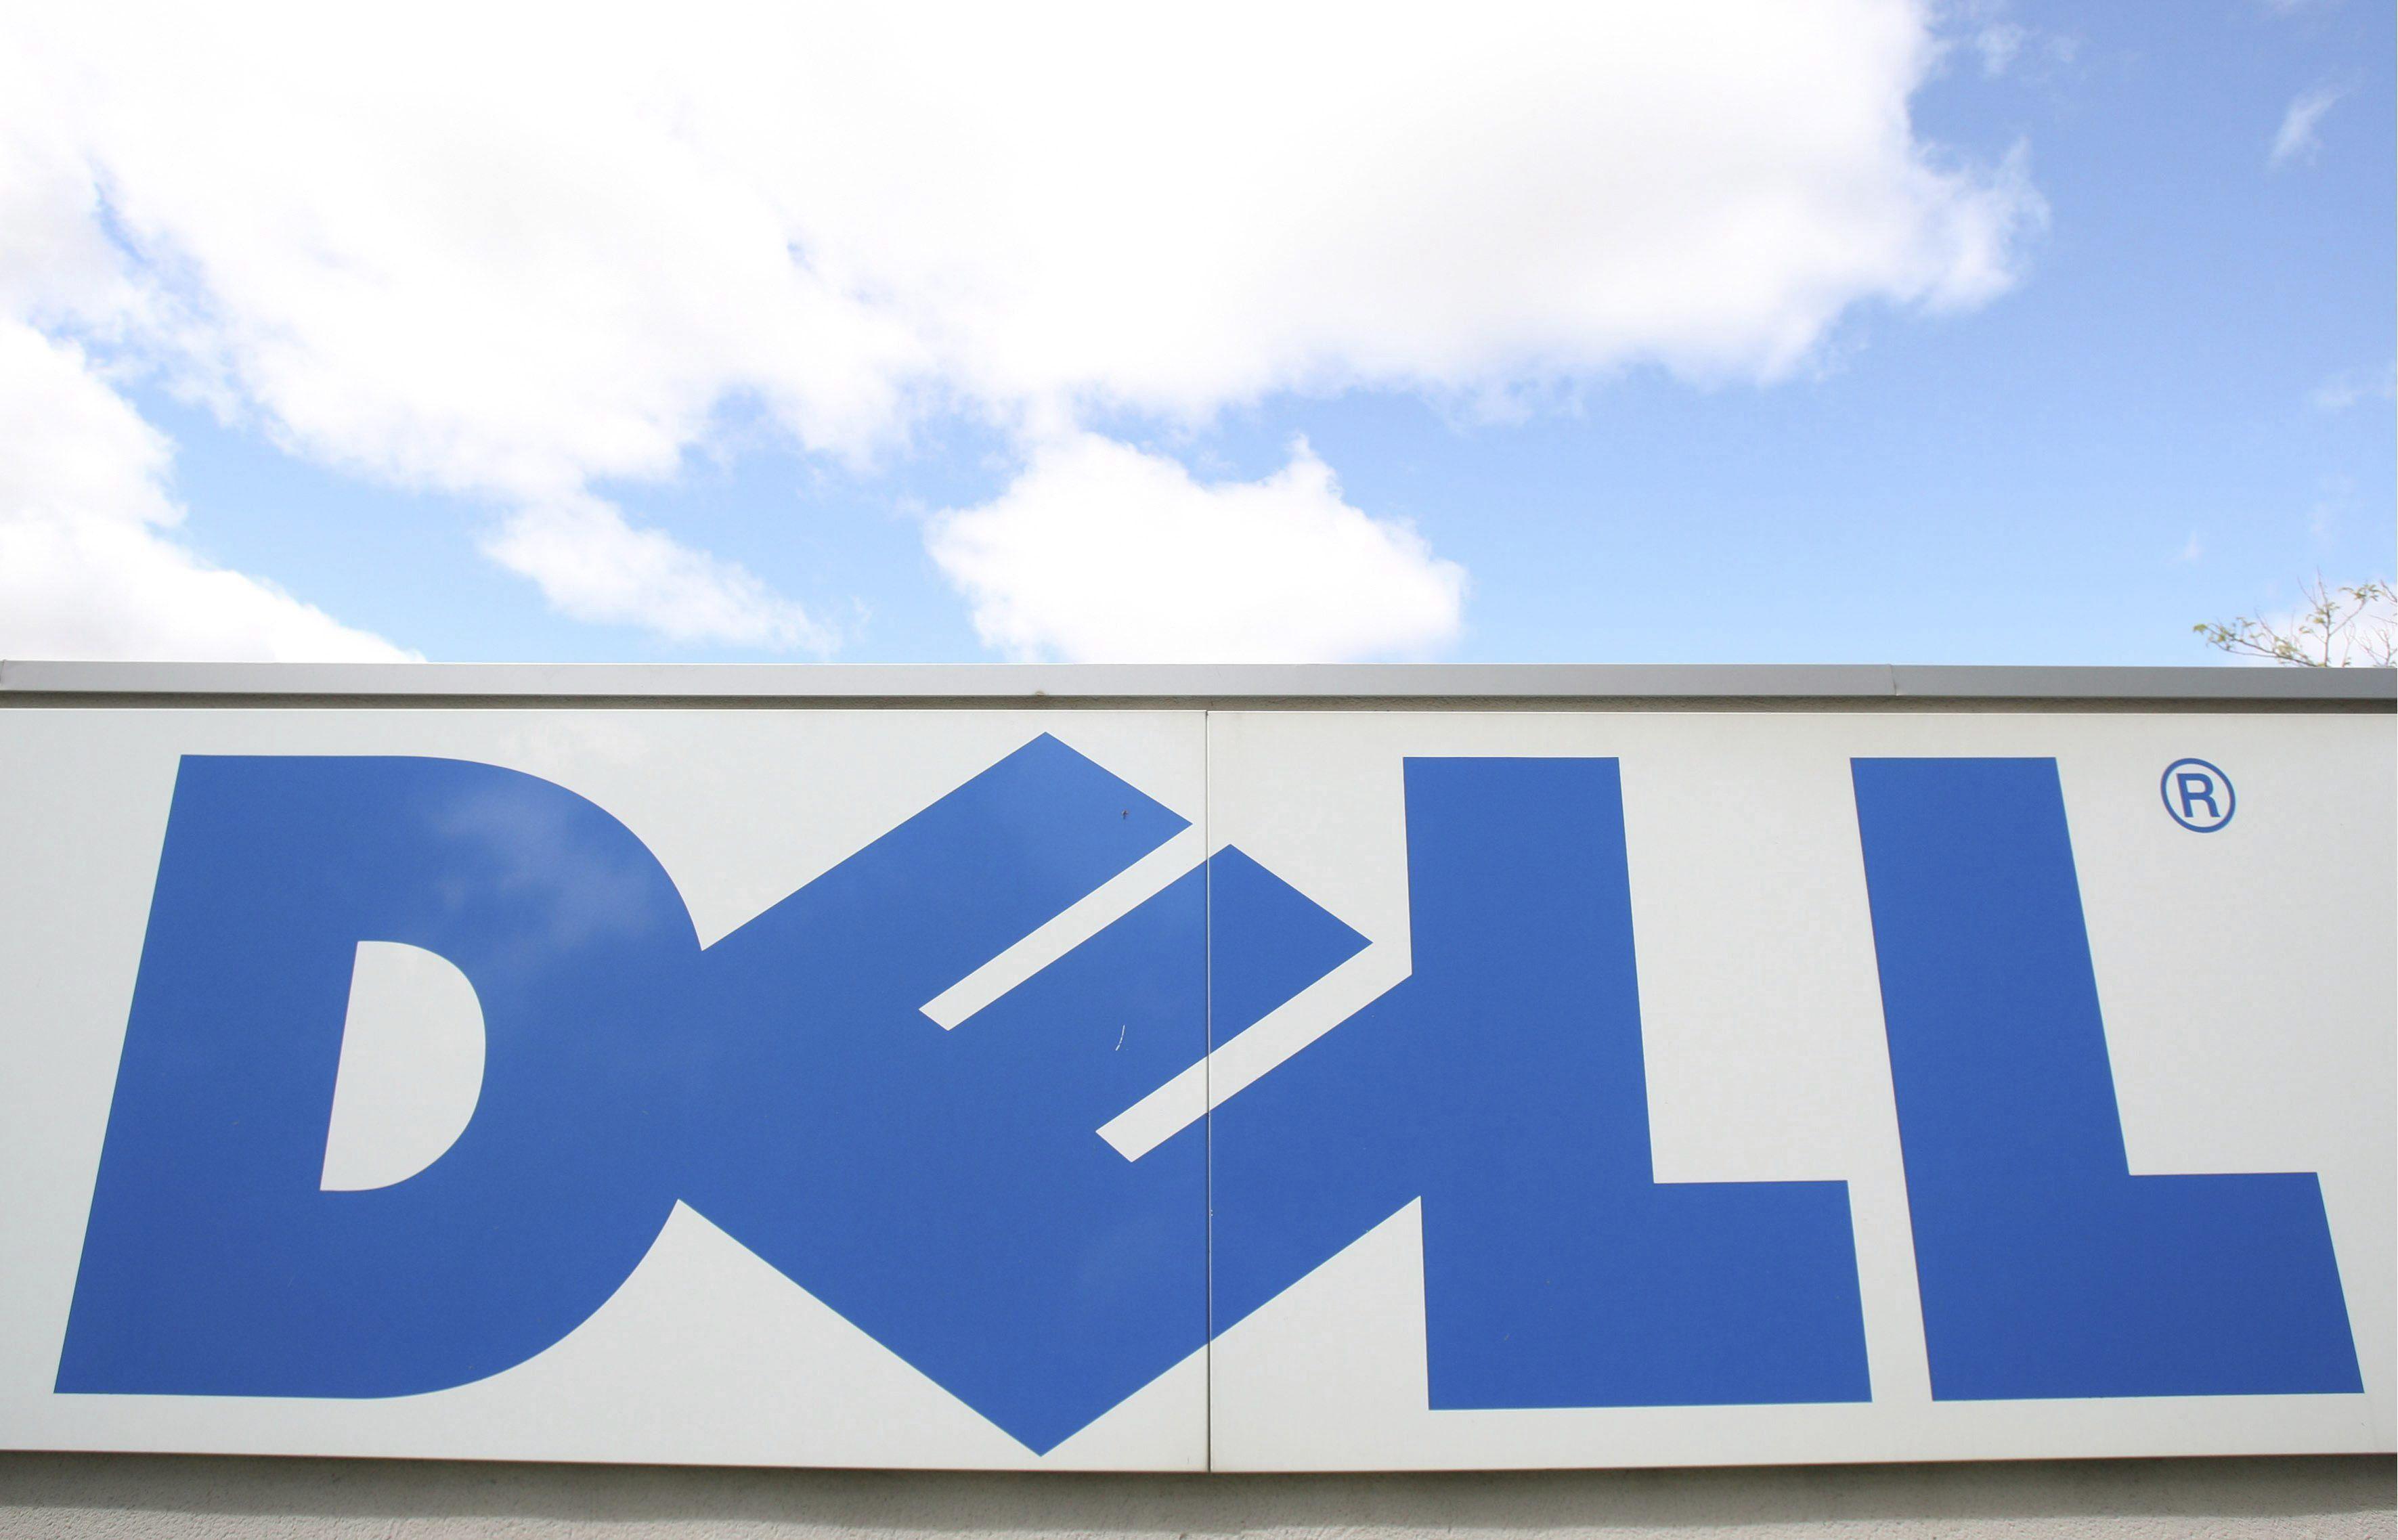 Los accionistas de Dell aprueban la venta de la compañía, según el canal CNBC